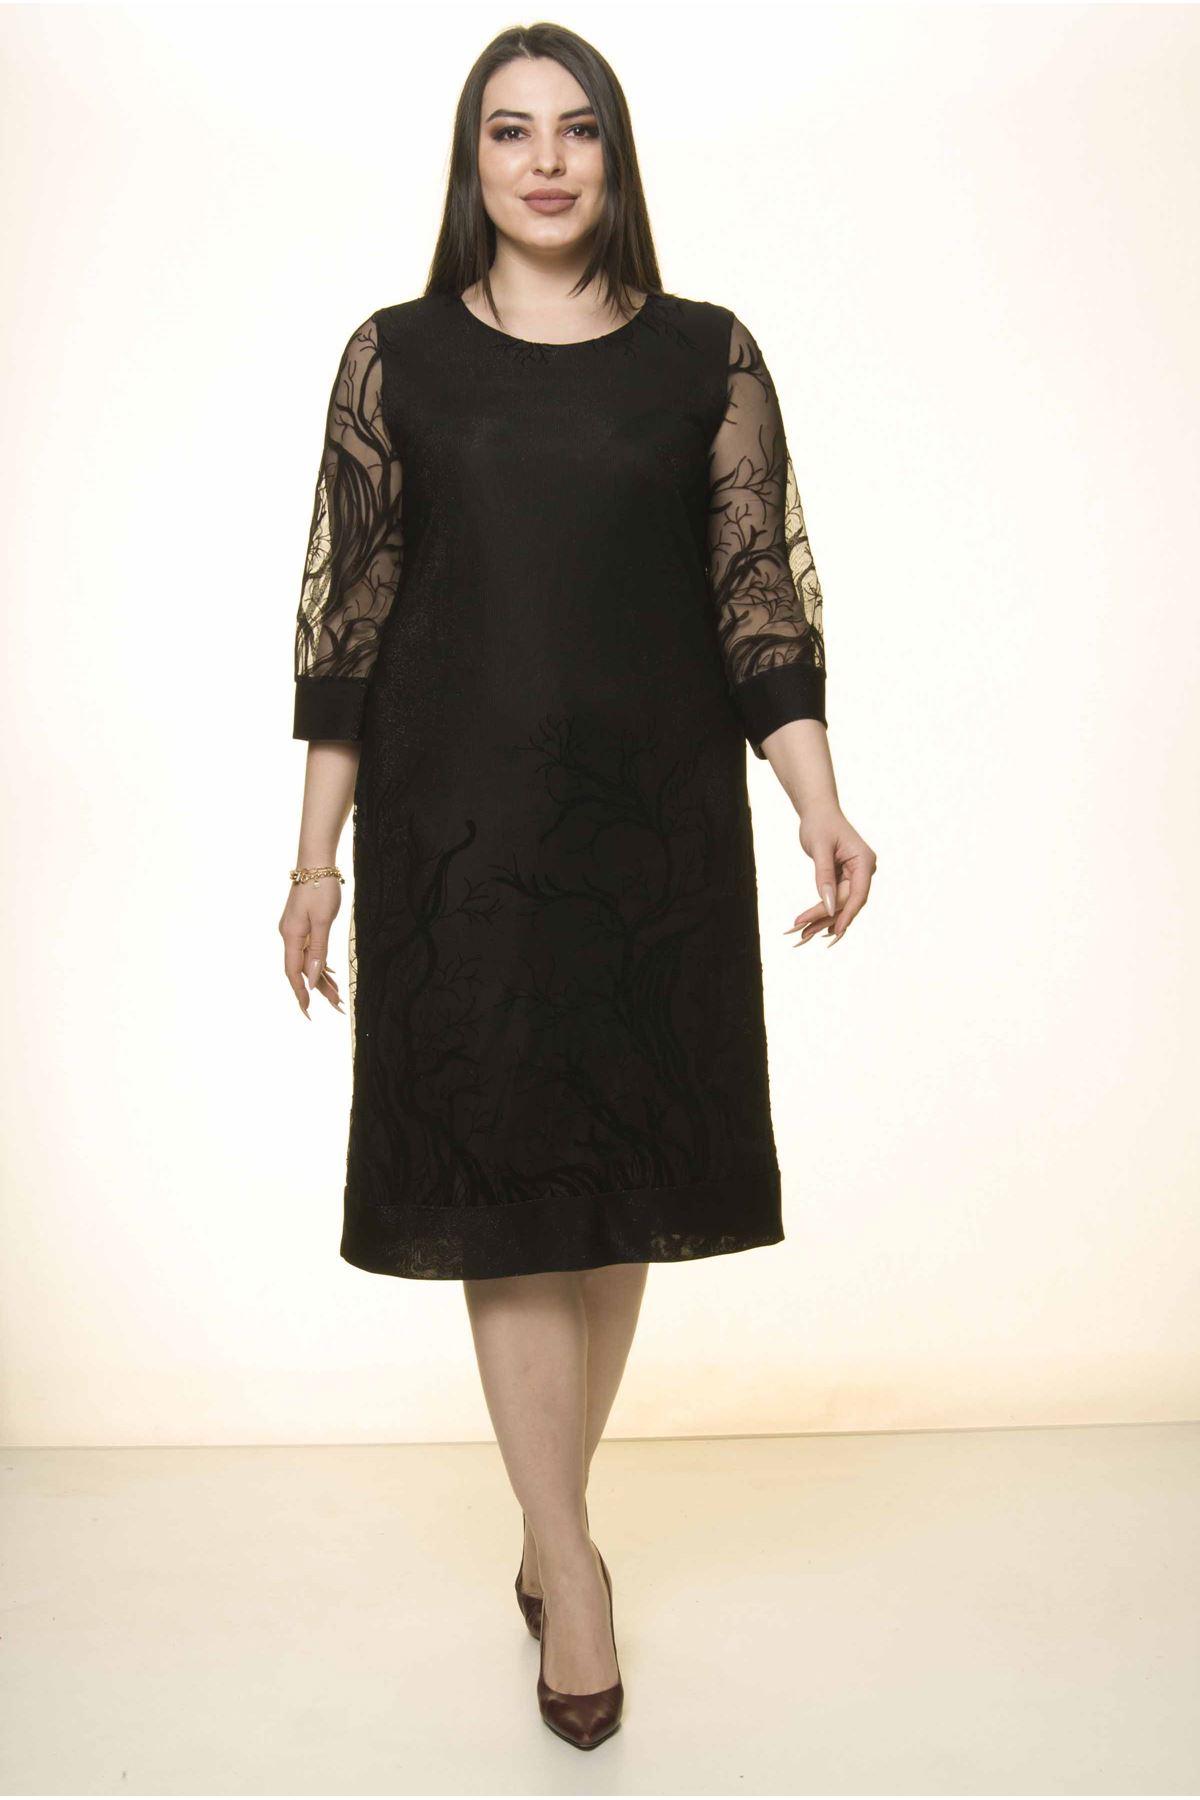 Siyah Simli Nakışlı Büyük Beden Elbise 8A-1575